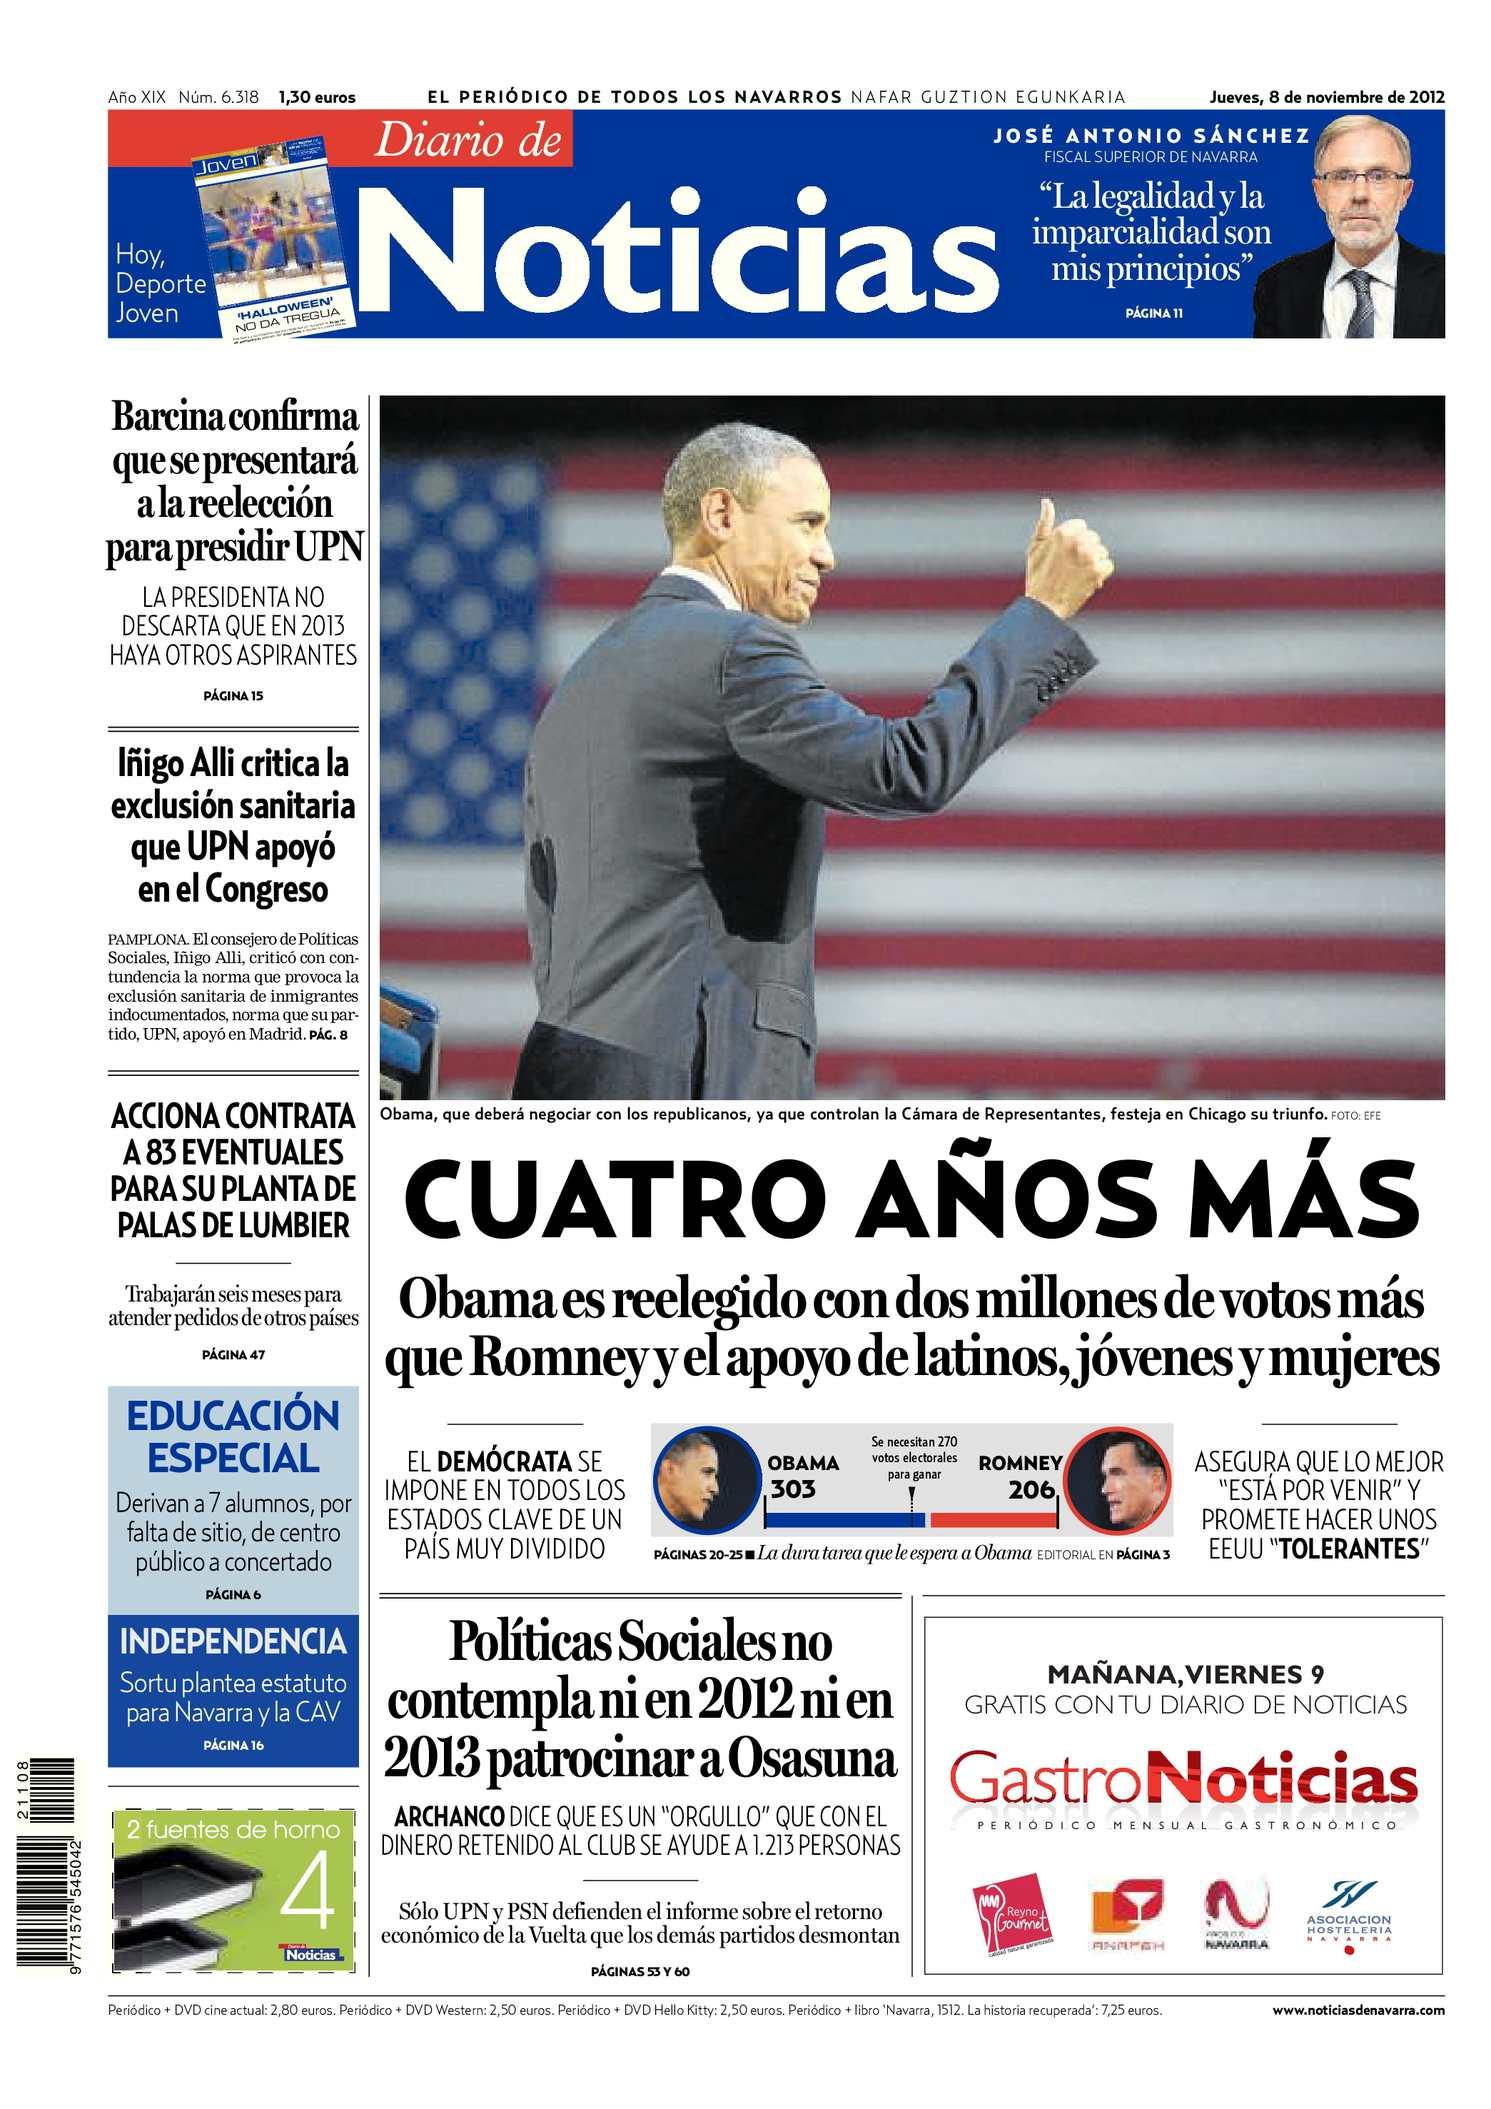 Calaméo - Diario de Noticias 20121108